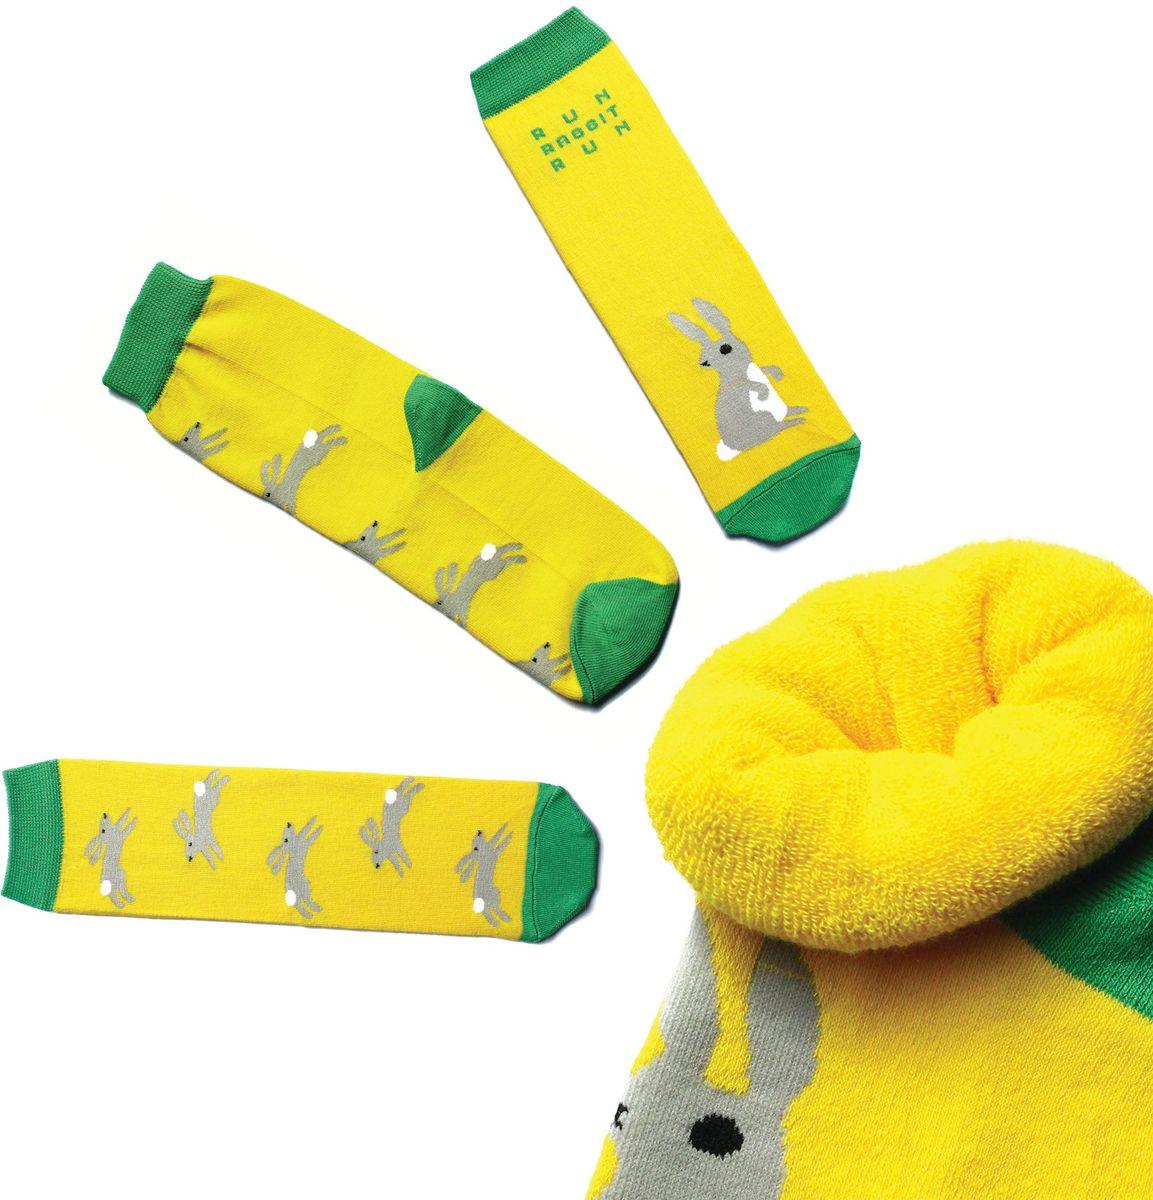 Носки детские Big Bang Socks, цвет: желтый. n213. Размер 30/34n213Яркие носки Big Bang Socks изготовлены из высококачественного хлопка с добавлением полиамидных и эластановых волокон, которые обеспечивают великолепную посадку. Носки отличаются ярким стильным дизайном. Они оформлены изображением зайцев и надписью run, rabbit, run (беги, заяц, беги).